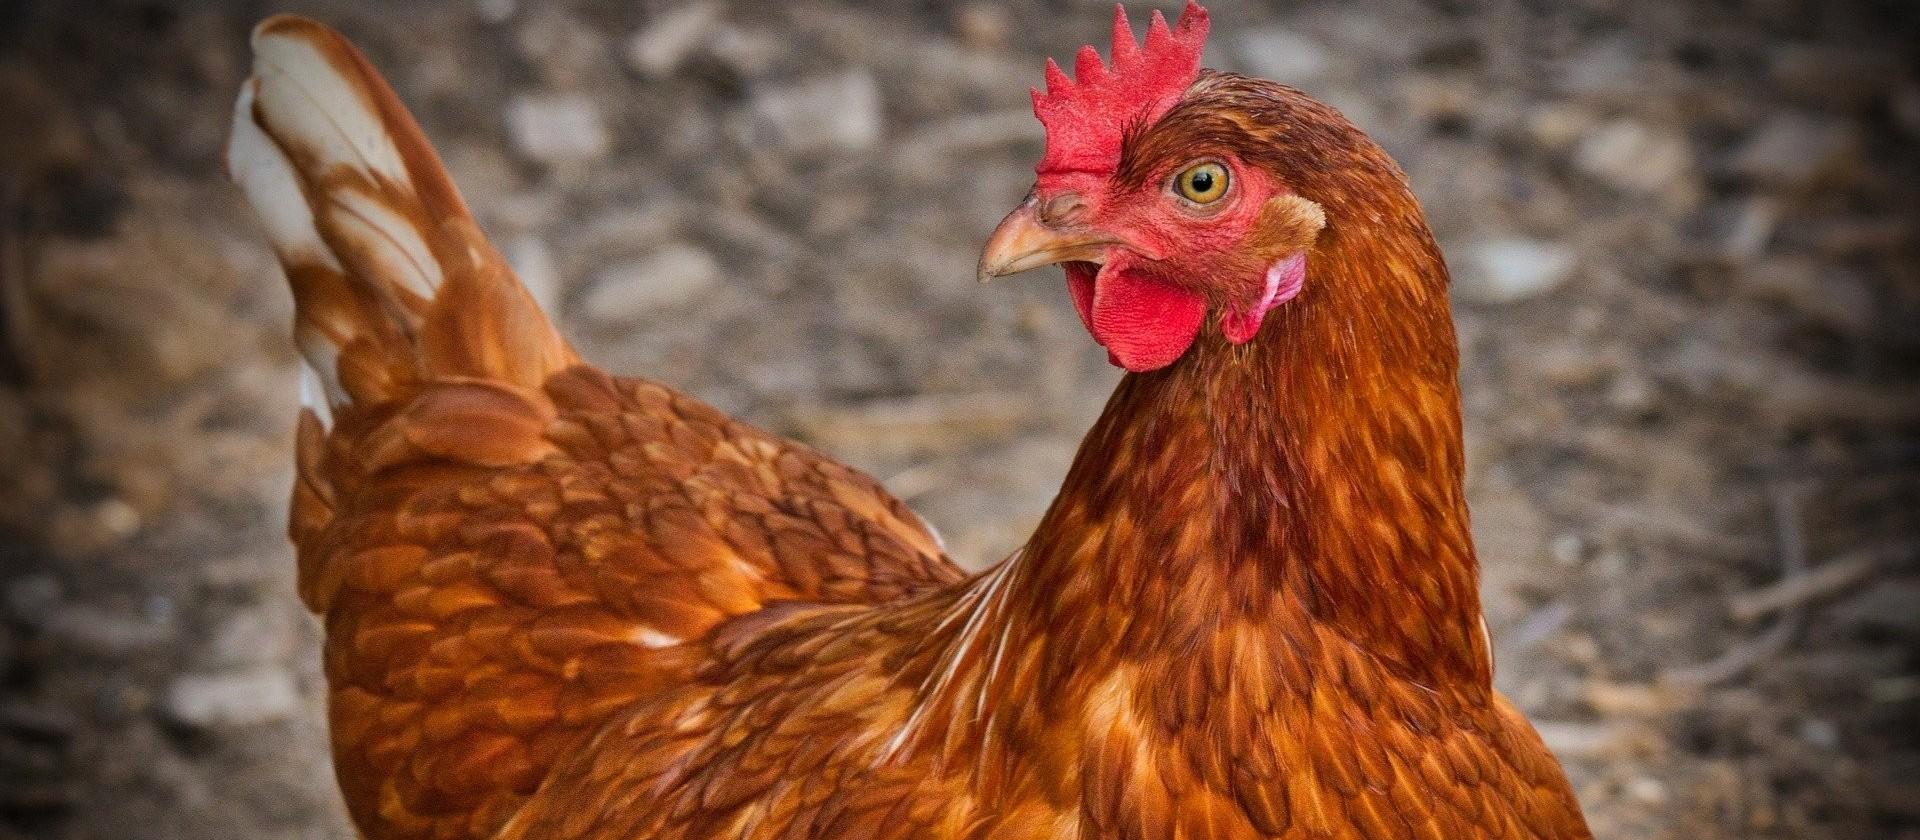 Indústrias avícolas investiram R$ 100 milhões em ações contra a Covid